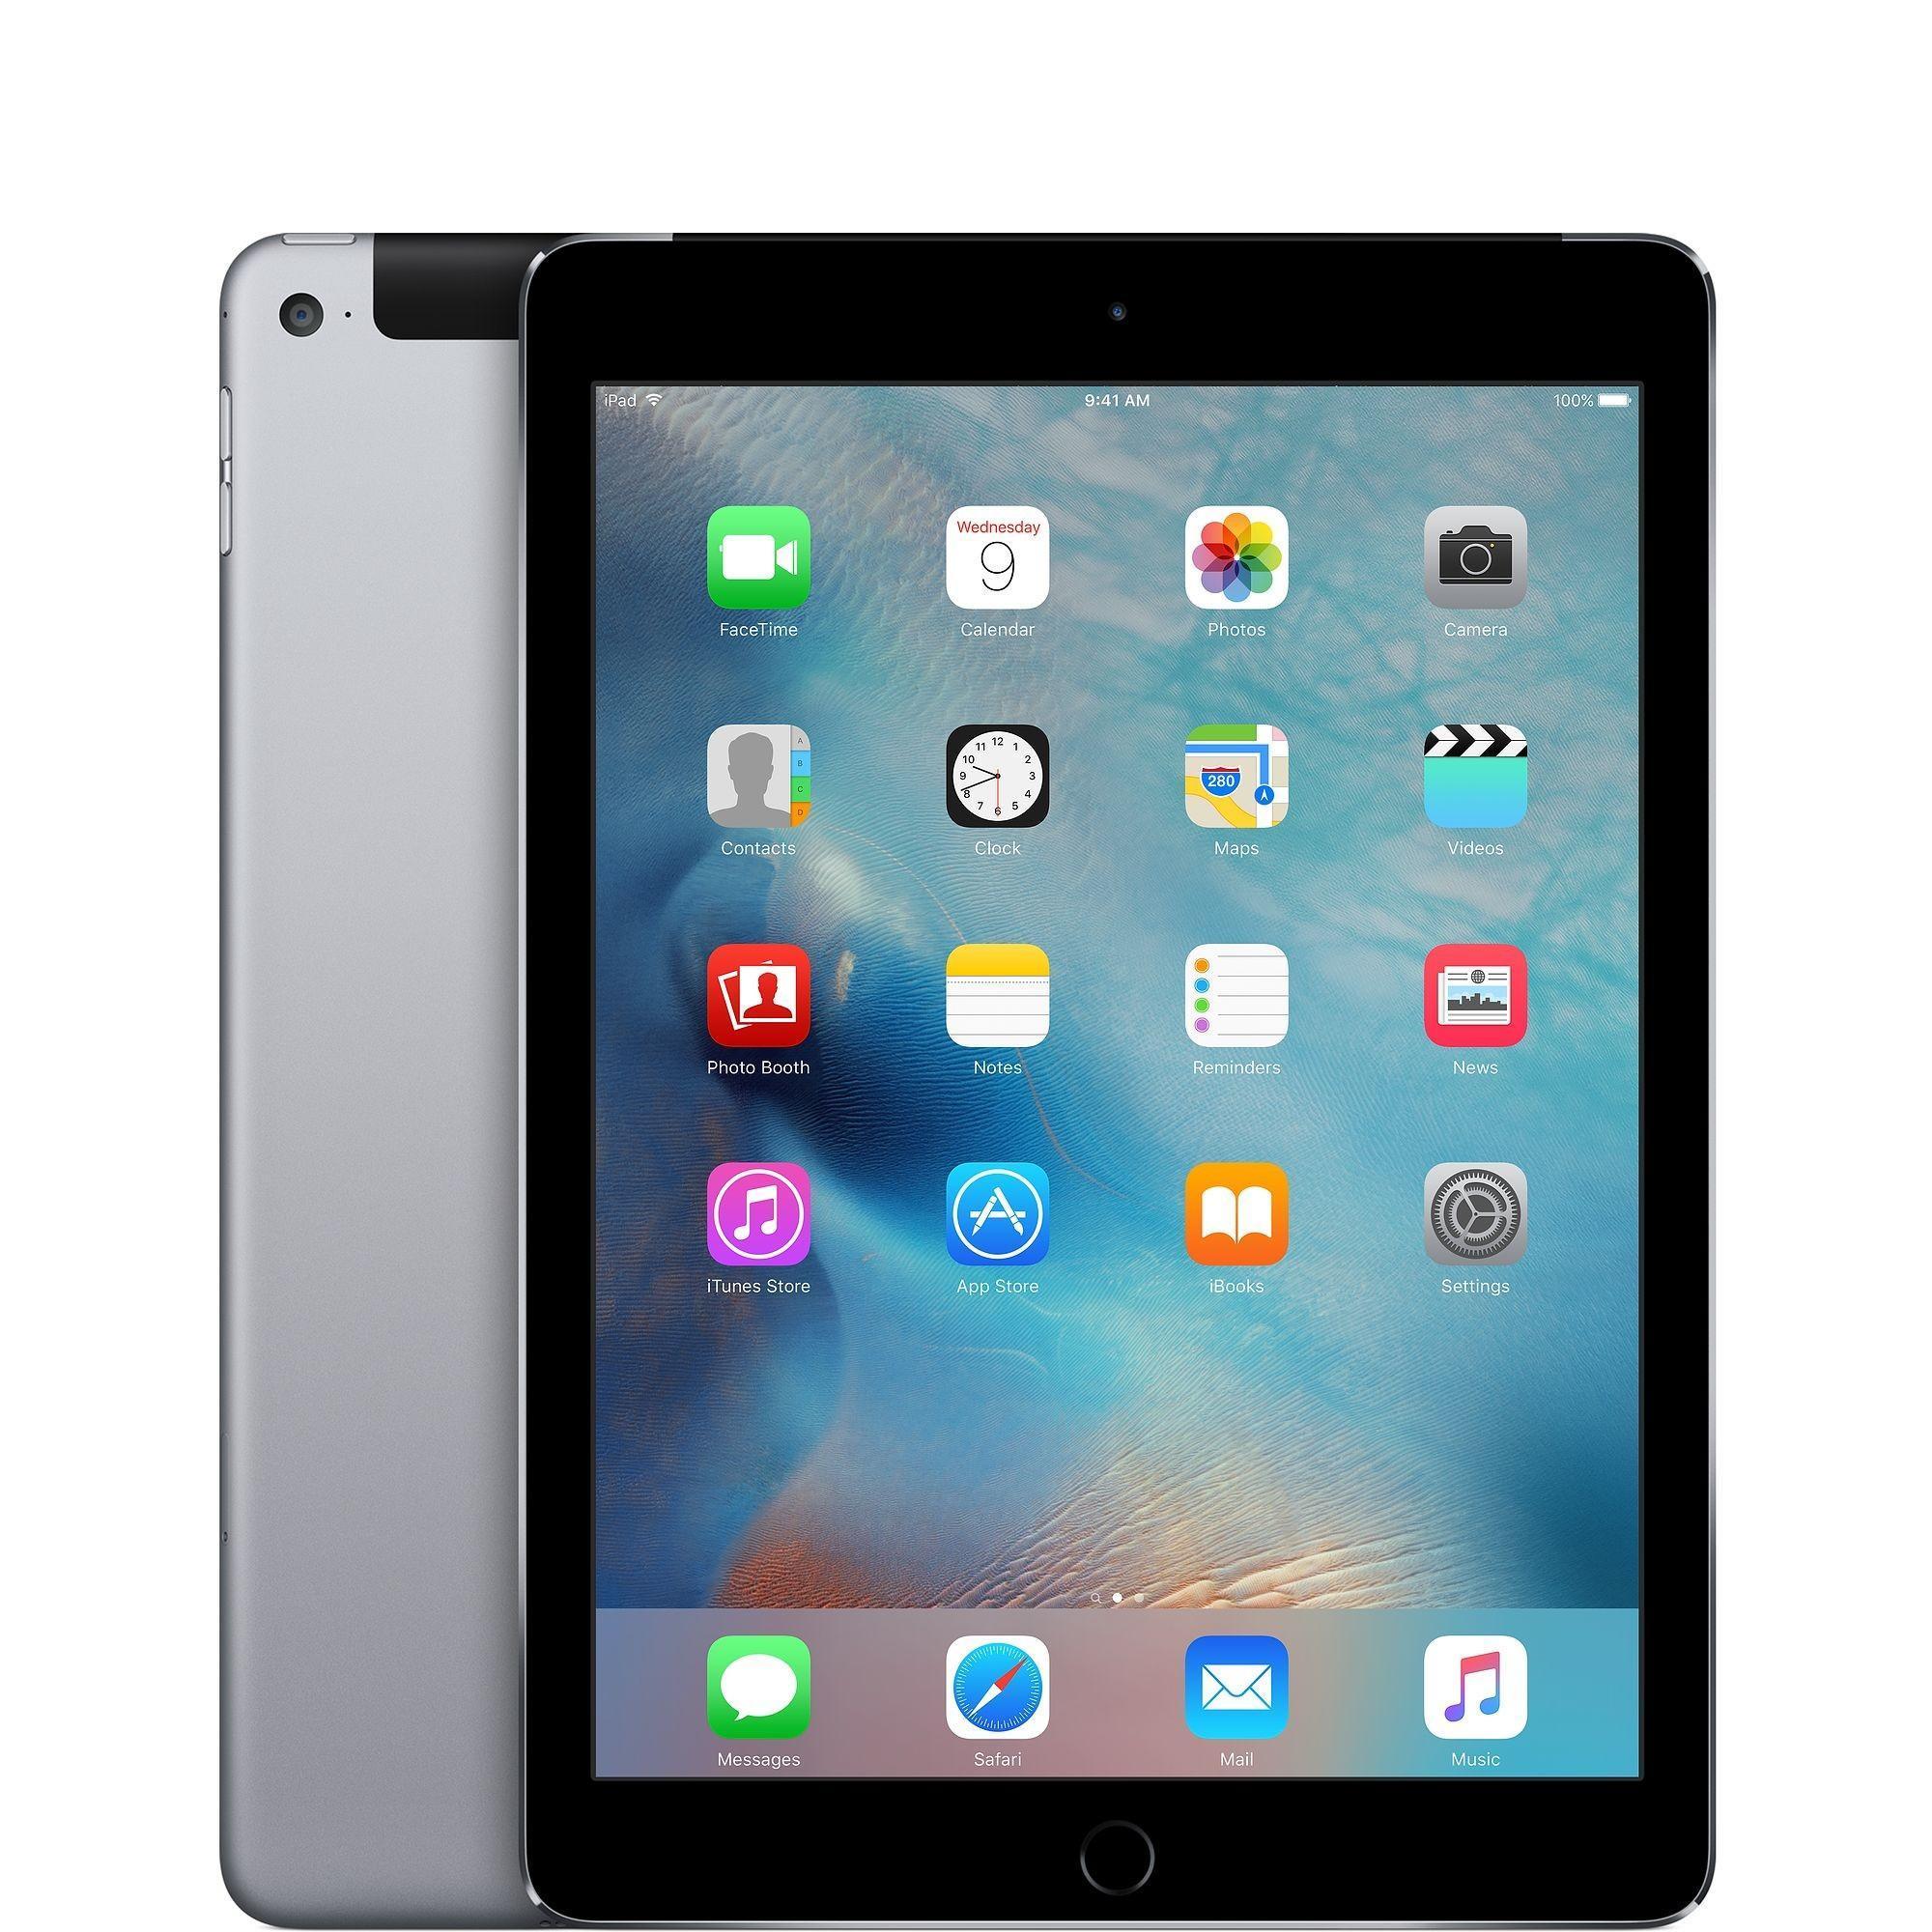 iPad Air 2 (2014) - WiFi + 3G